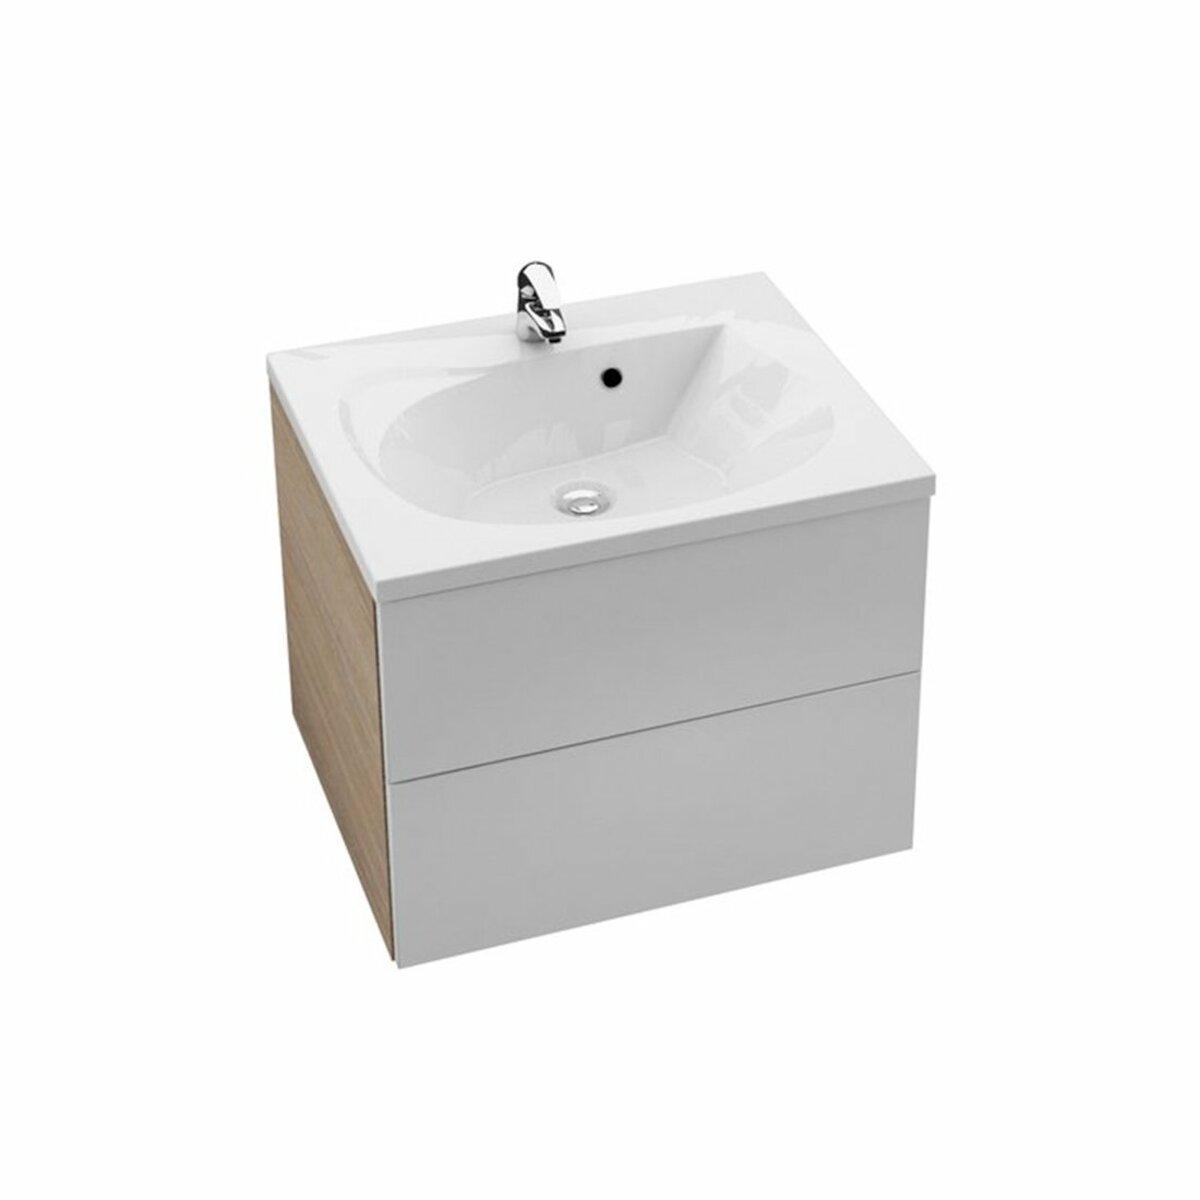 Koupelnová skříňka pod umyvadlo Ravak Rosa 60x49 cm cappuccino/bílá X000000926